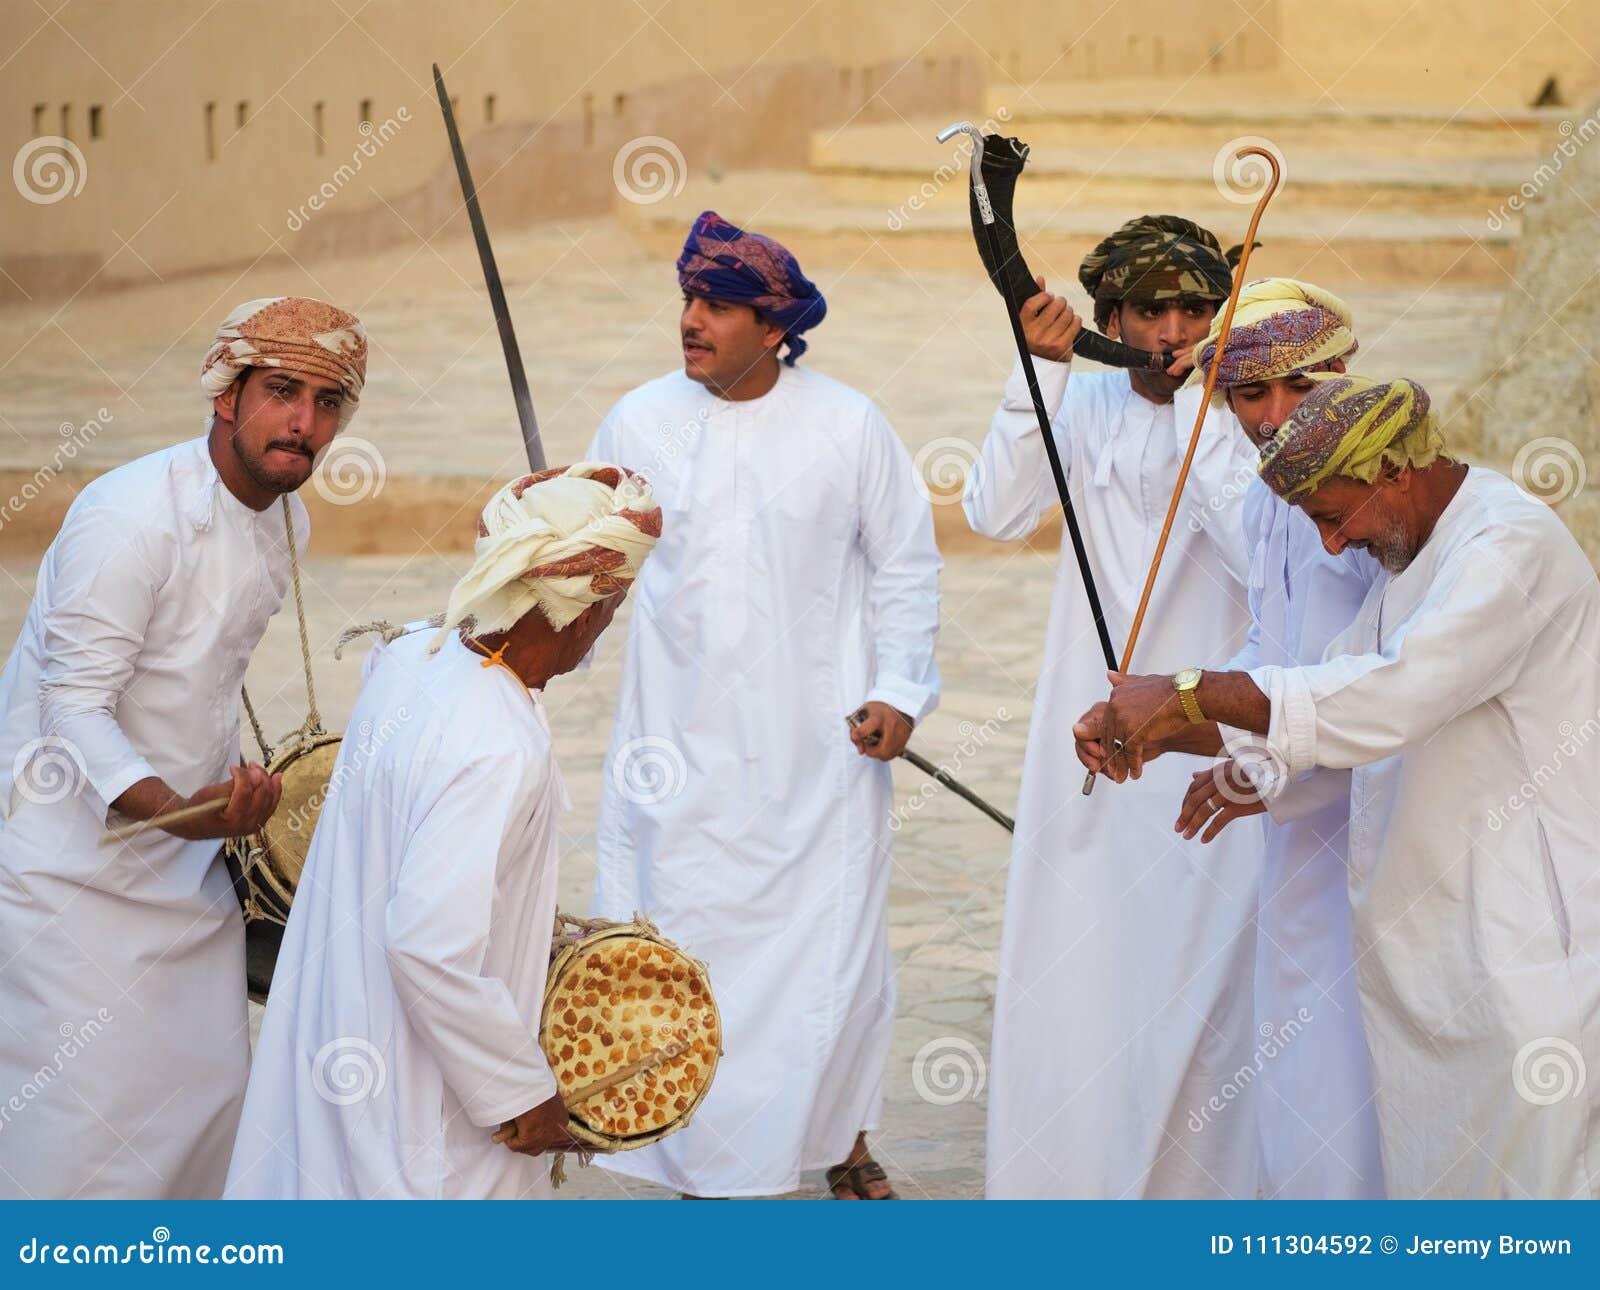 Arabisch musik 2011 youtube.